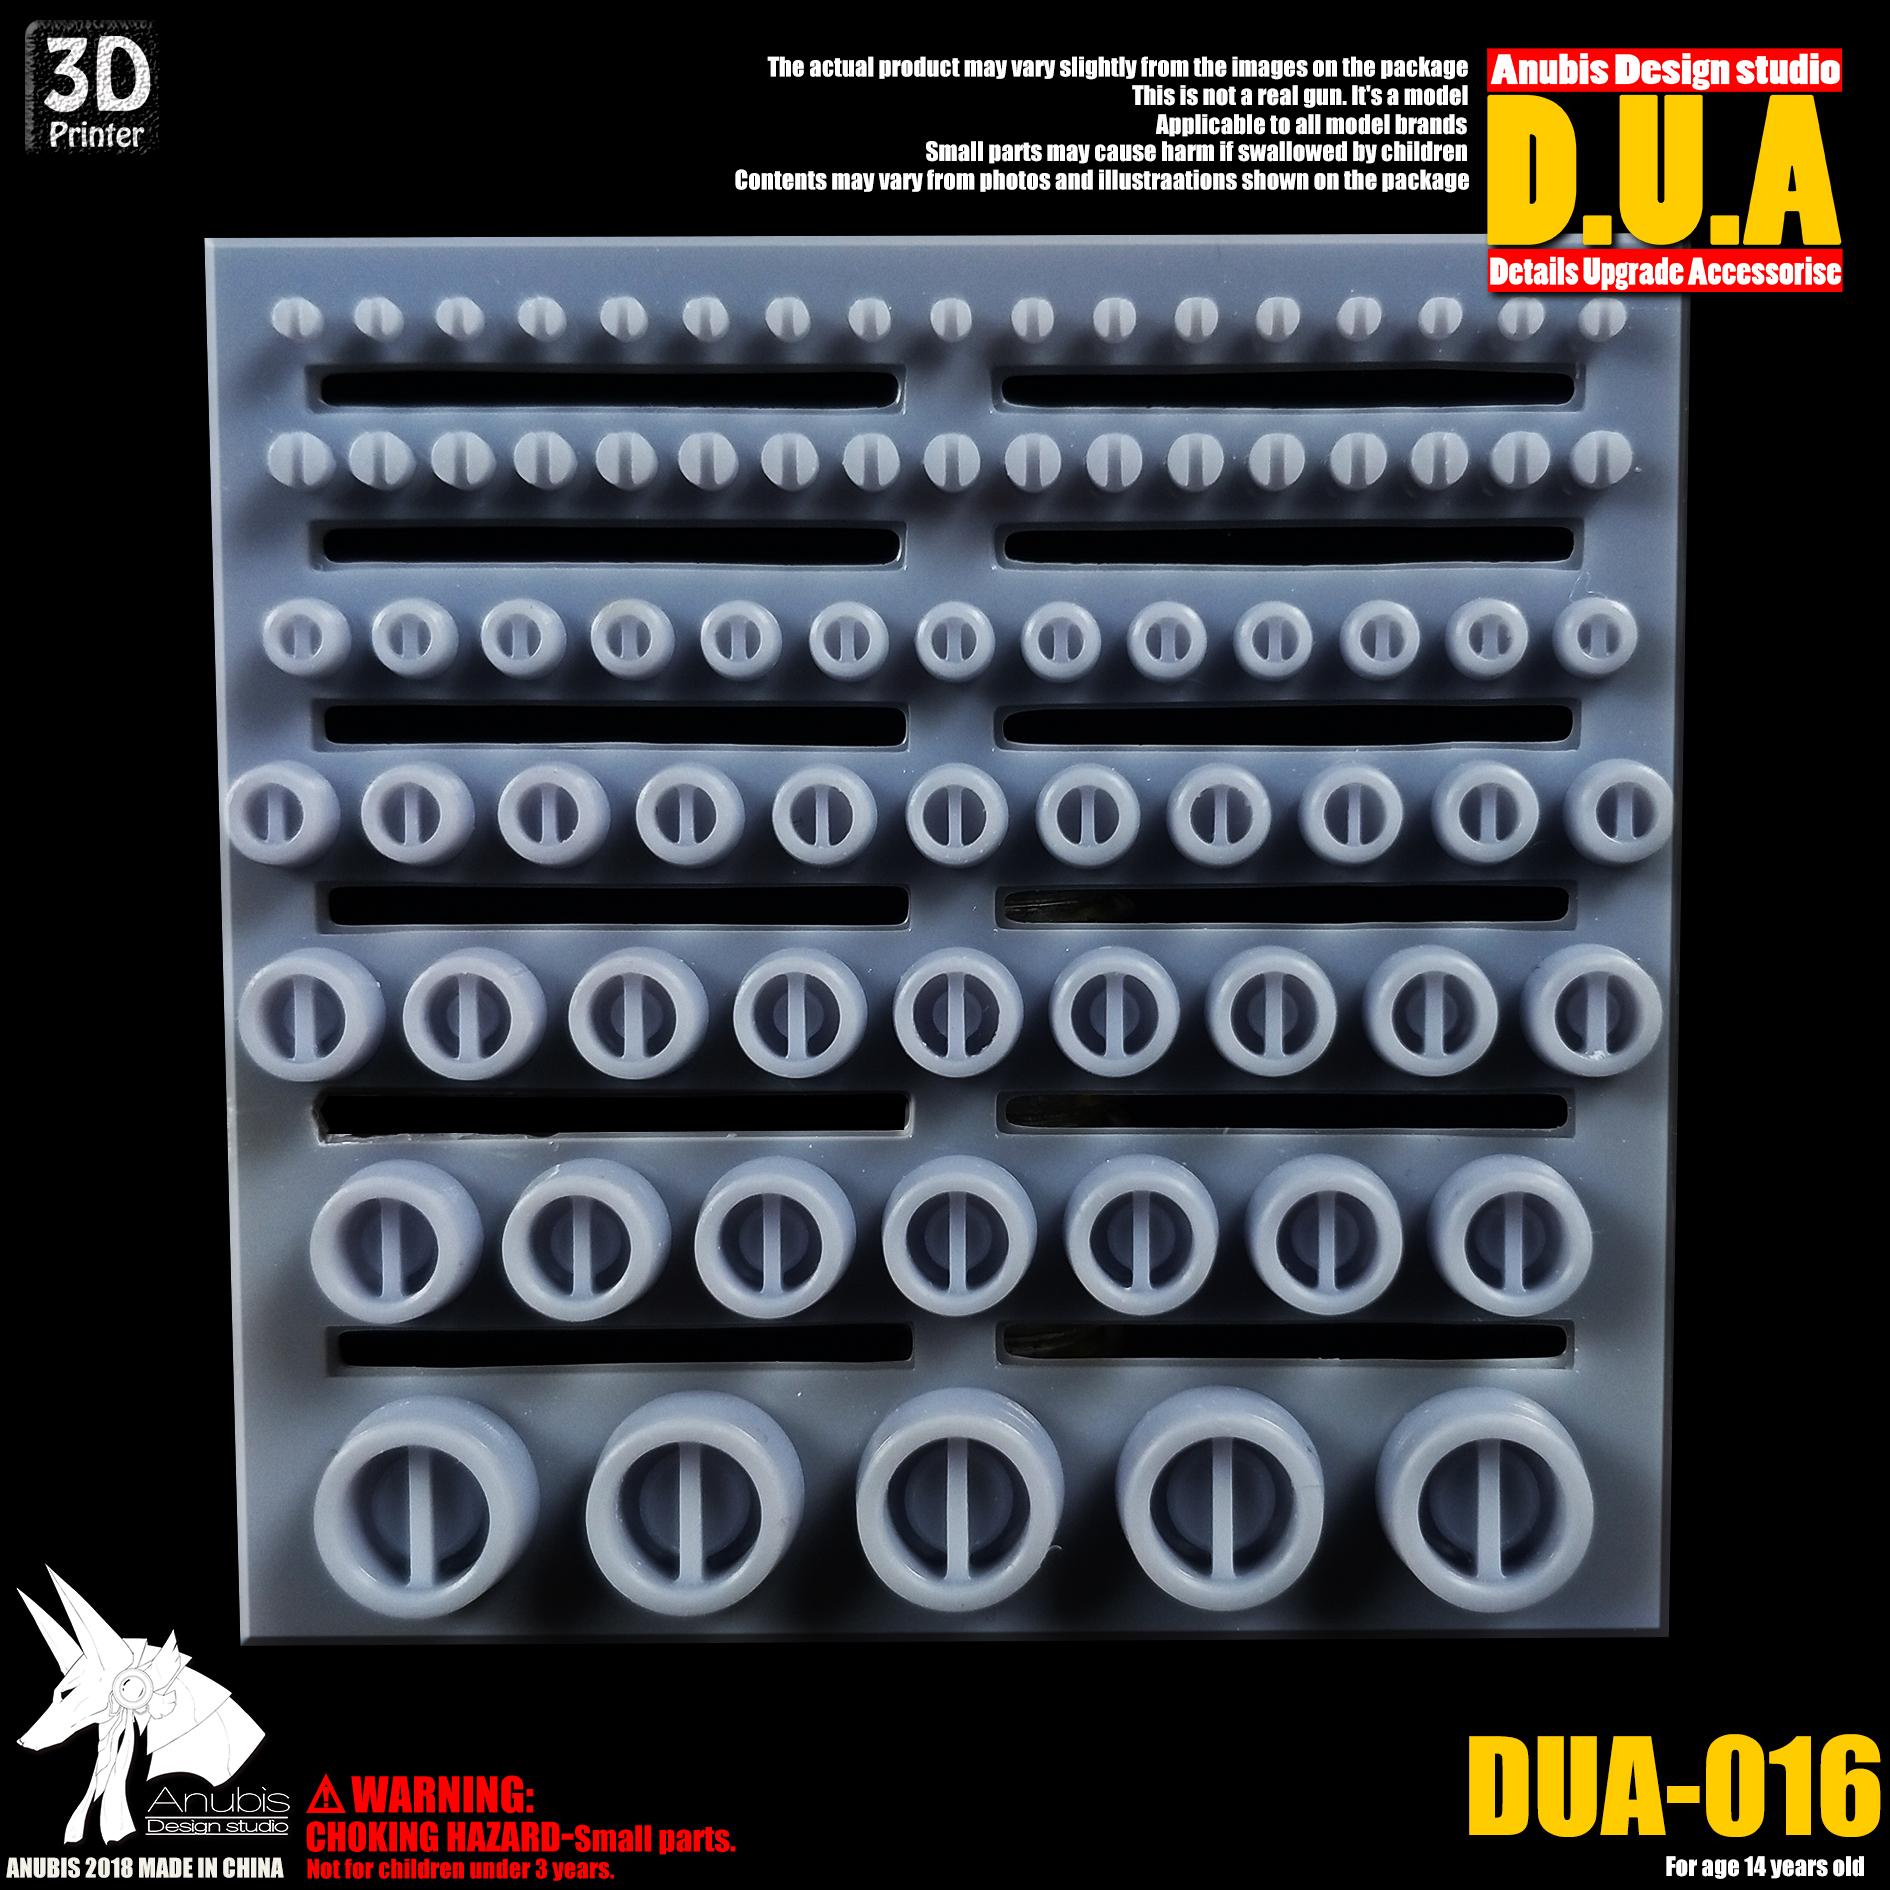 G413_DUA016_002.jpg